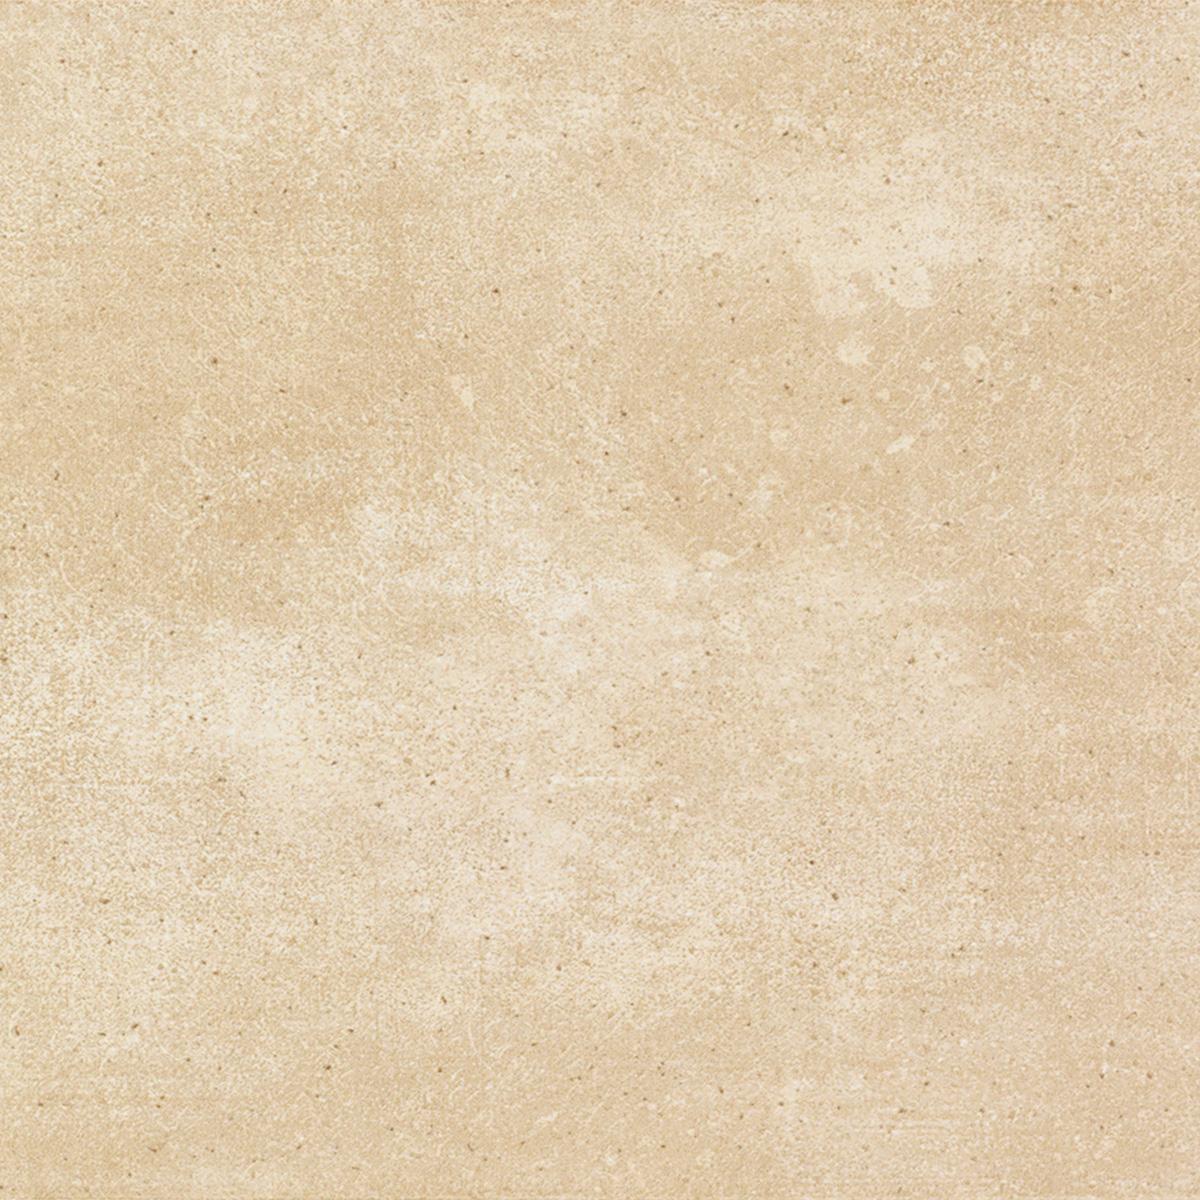 Gresie glazurata SIDNEY - Marron 45x45 GALA - Poza 16